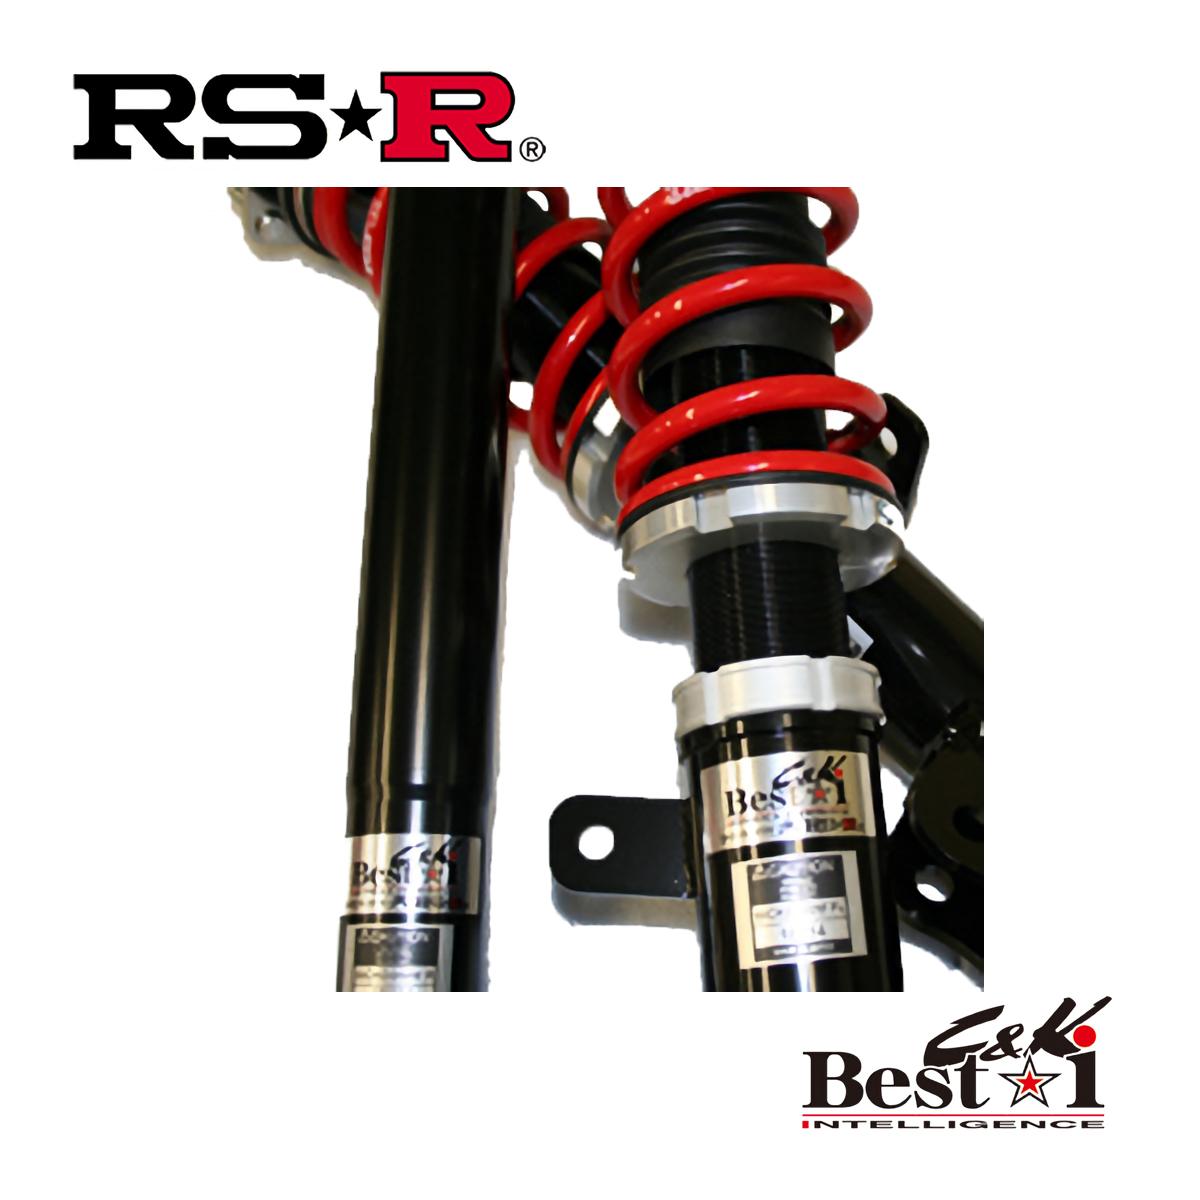 RS-R N-ONE RS JG1 車高調 リア車高調整 ネジ式 BICKH452M ベストi C&K RSR 個人宅発送追金有